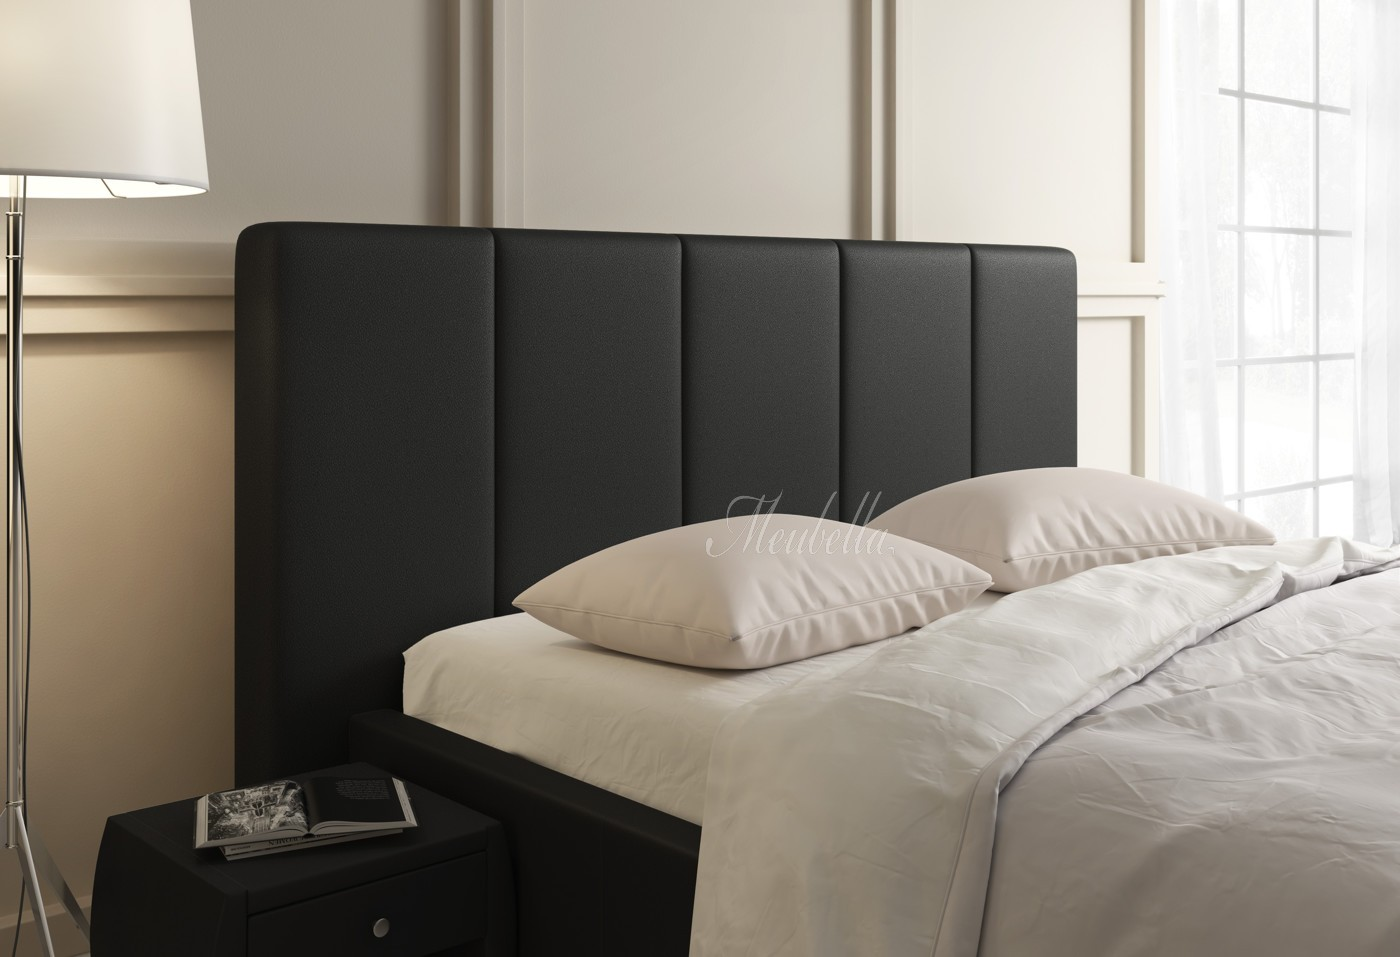 Hoofdbord Vanity - Zwart - 90 cm - Bedden - Slaapkamer | Meubella